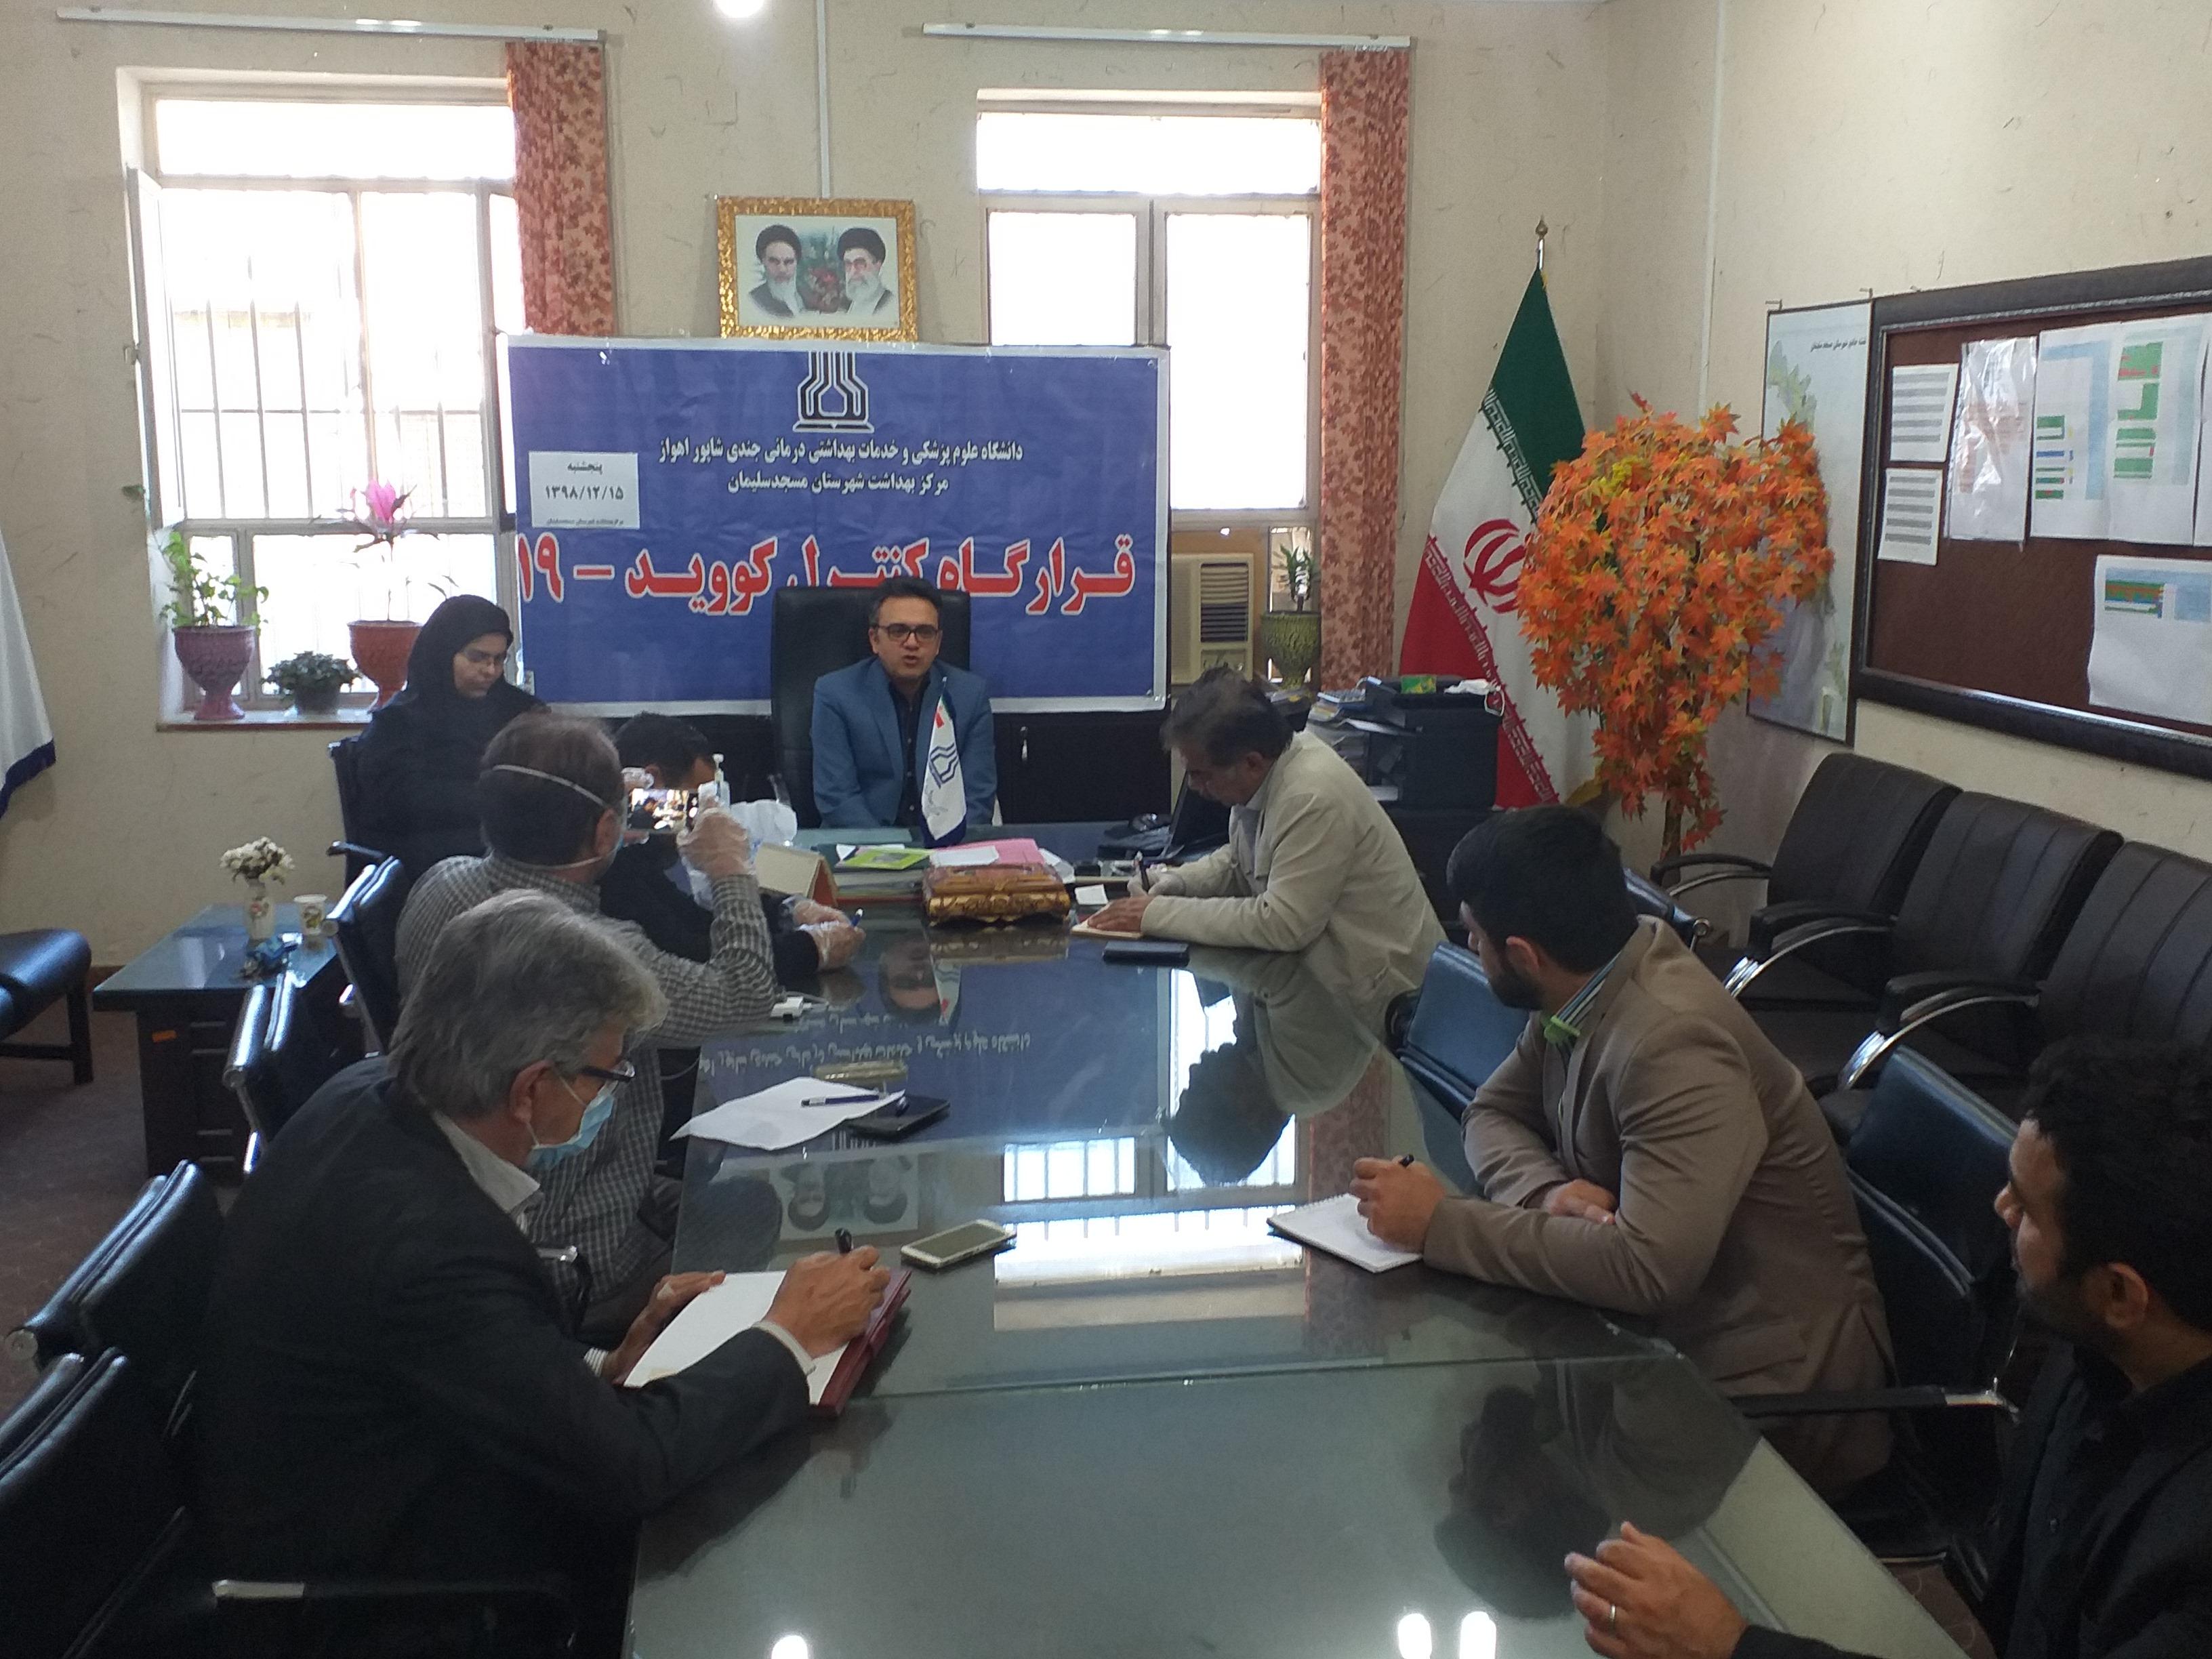 نشست خبری قرارگاه کنترل کووید-۱۹ در مسجدسلیمان برگزار شد